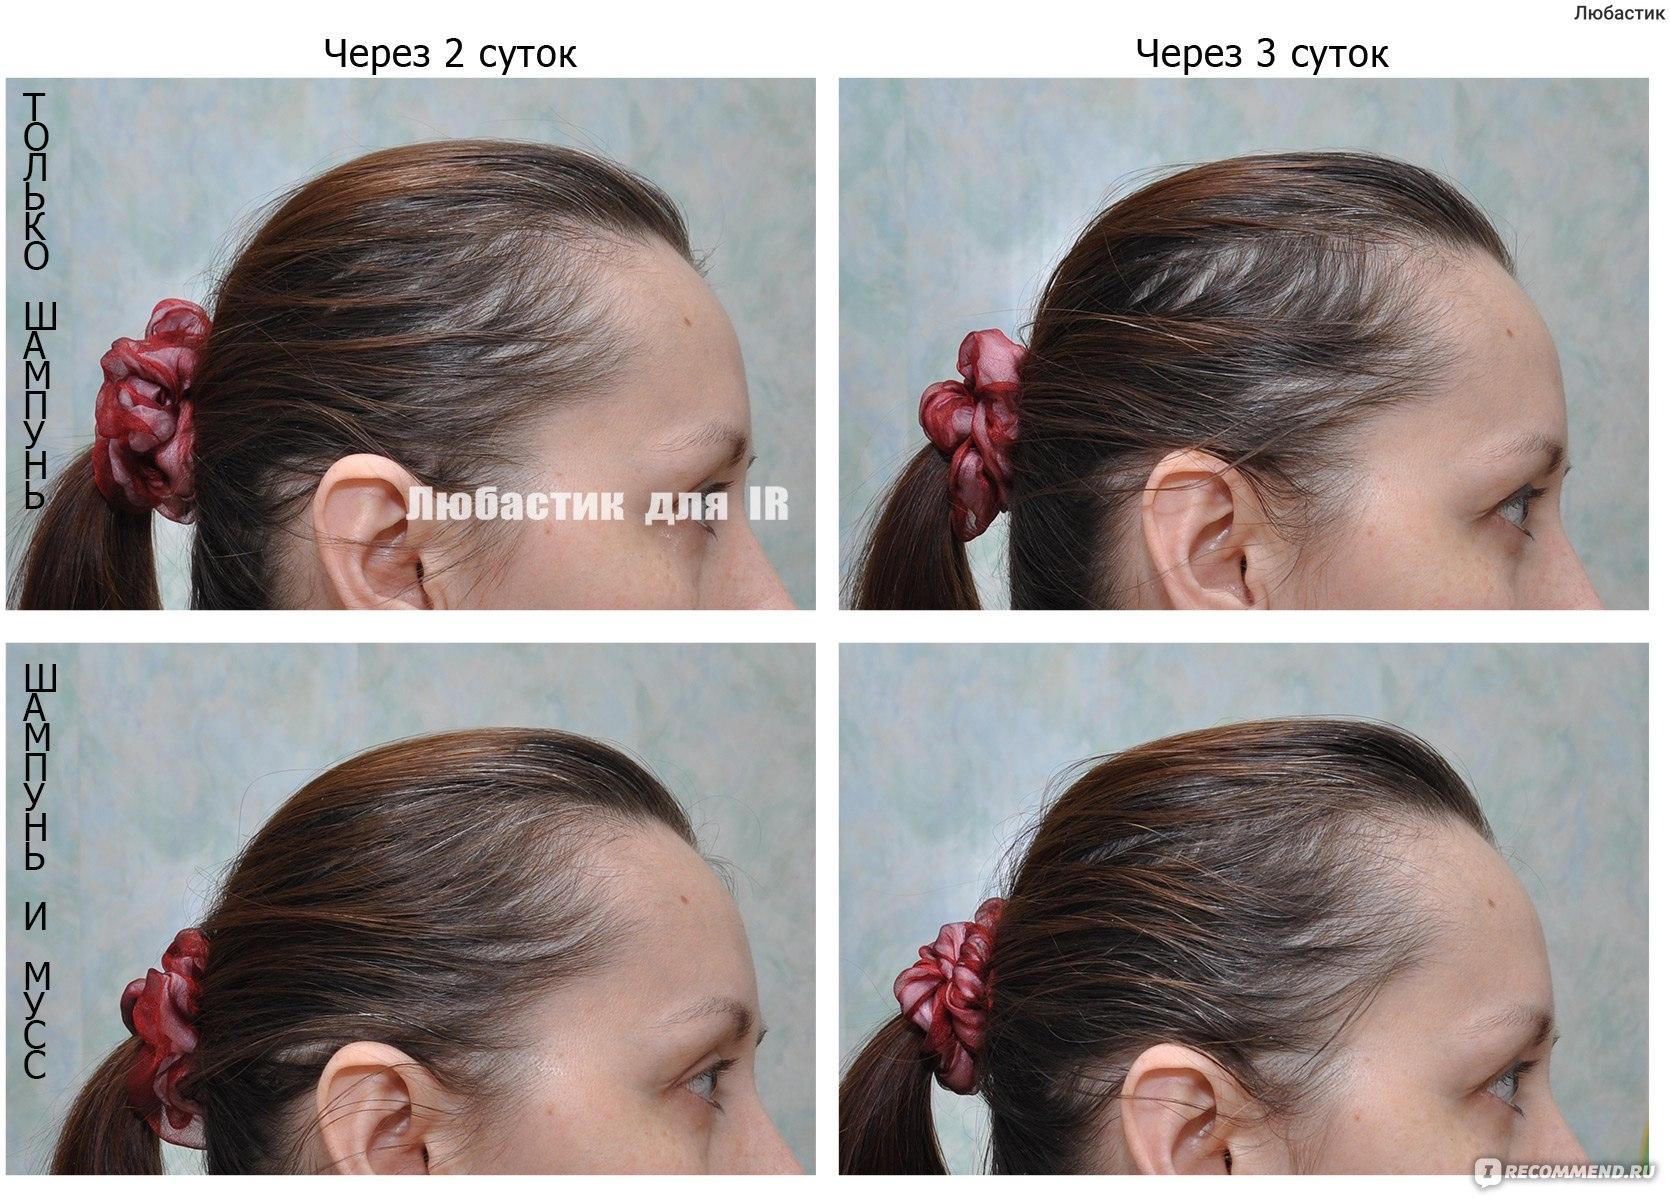 Делаем пилинг для кожи головы